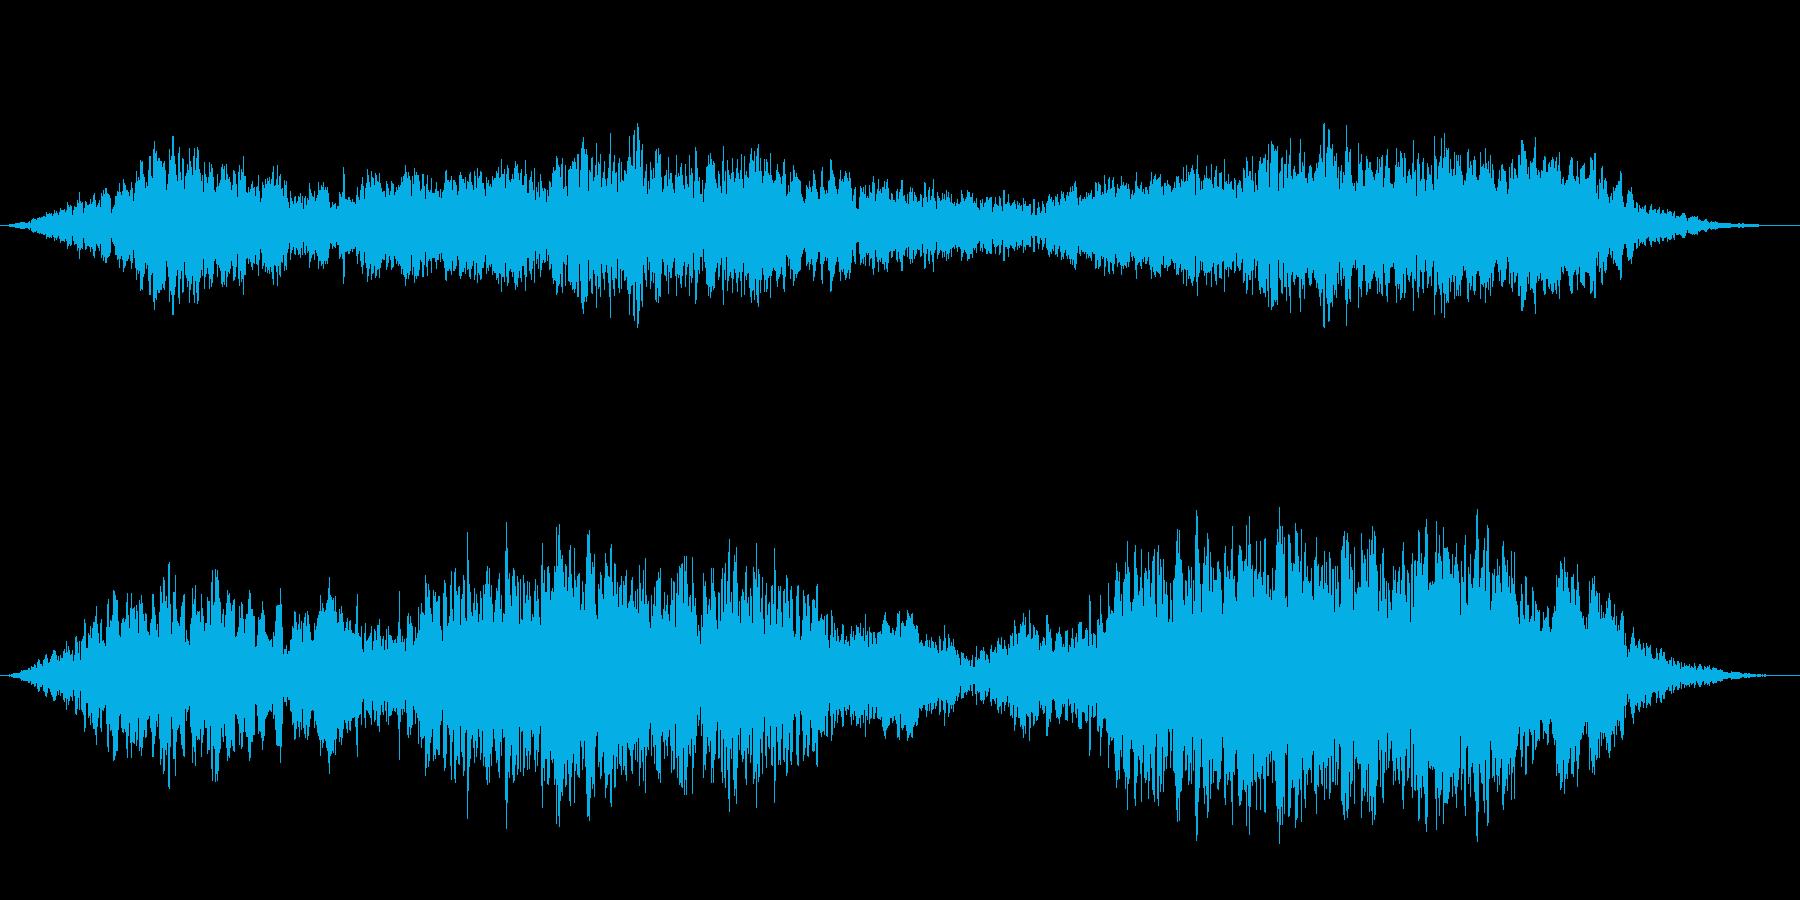 【風の音】雪山、自然ドキュメンタリーの再生済みの波形